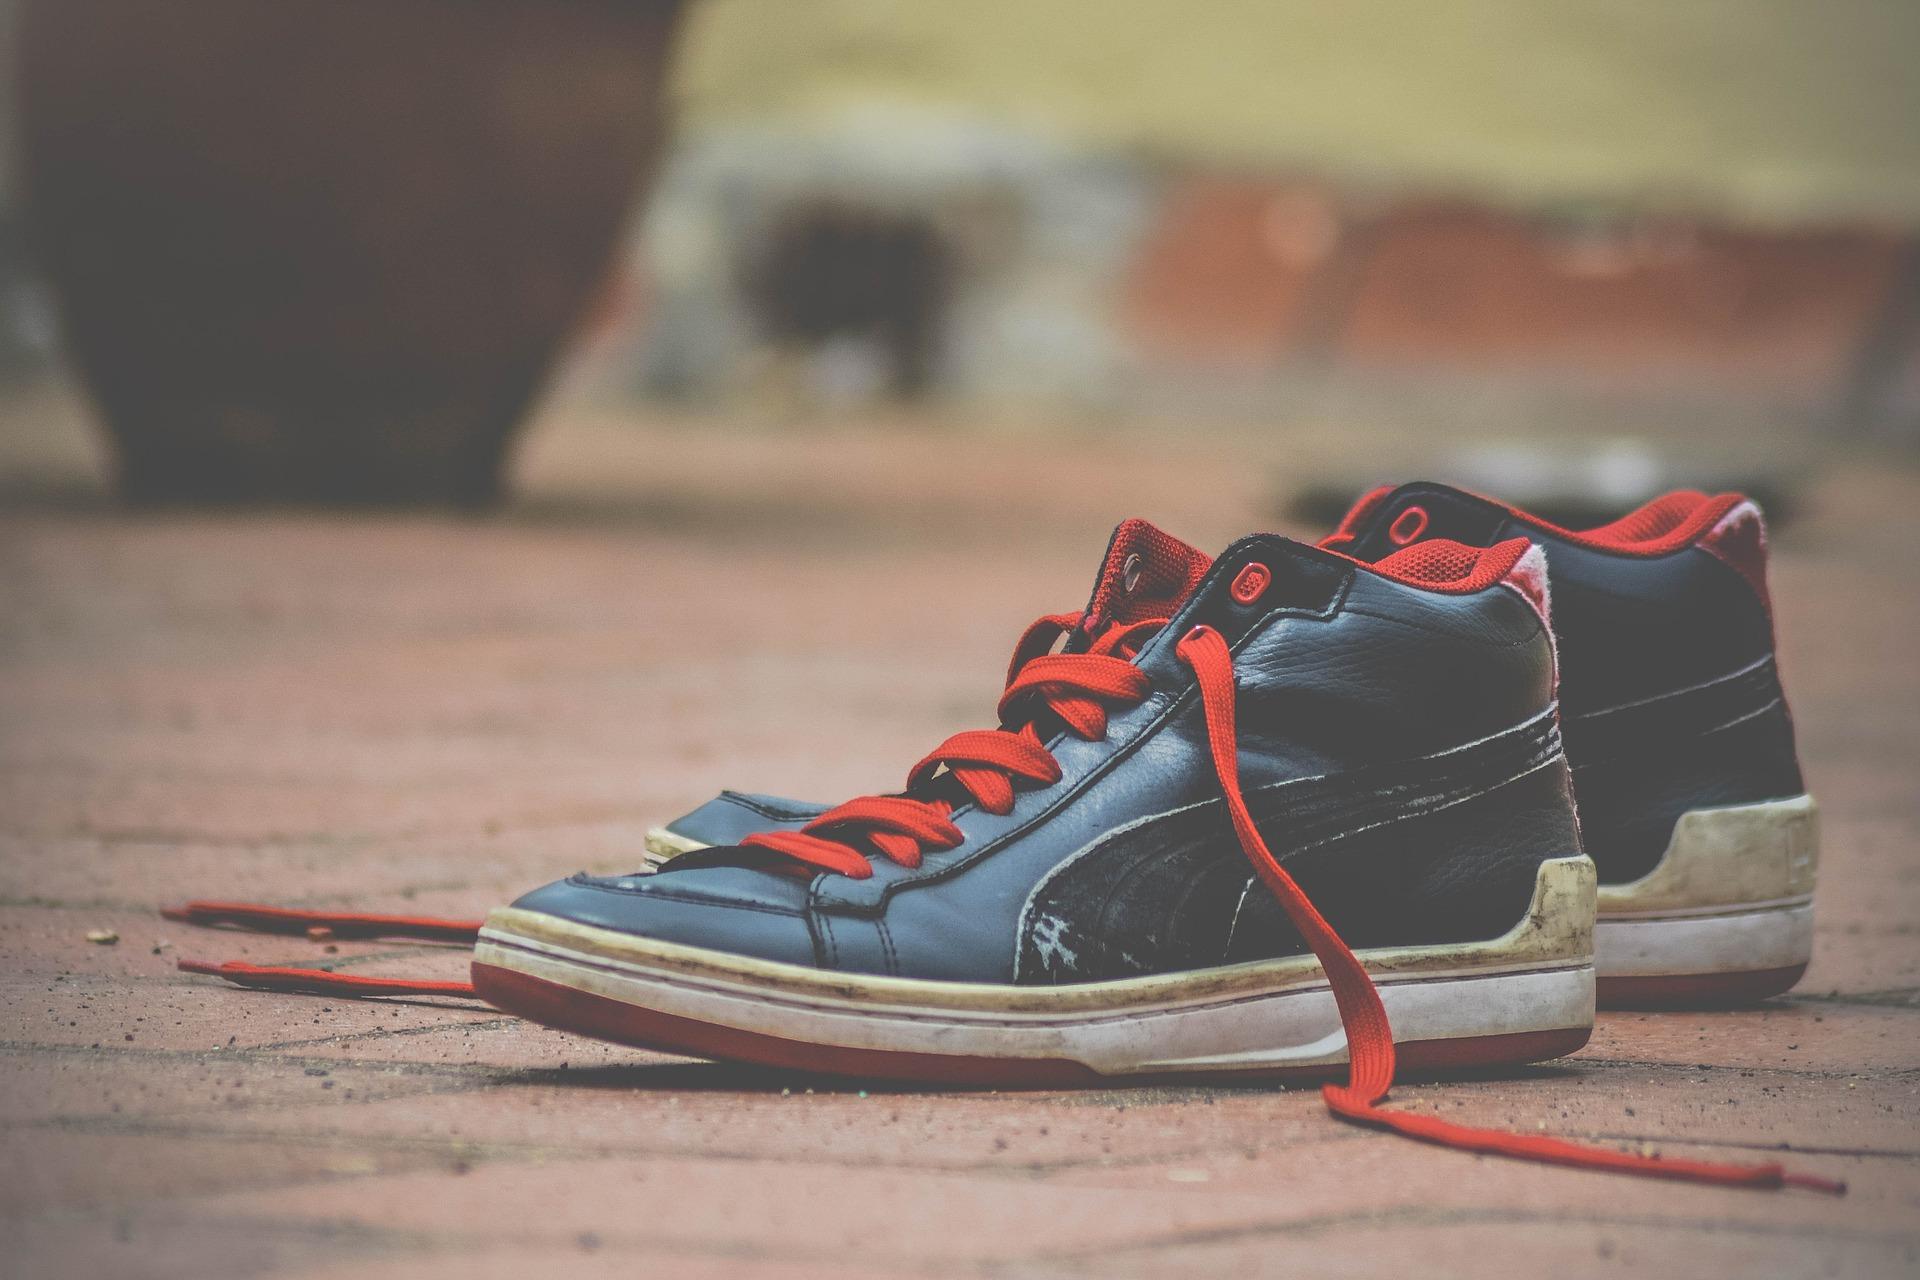 shoes-1285353_1920